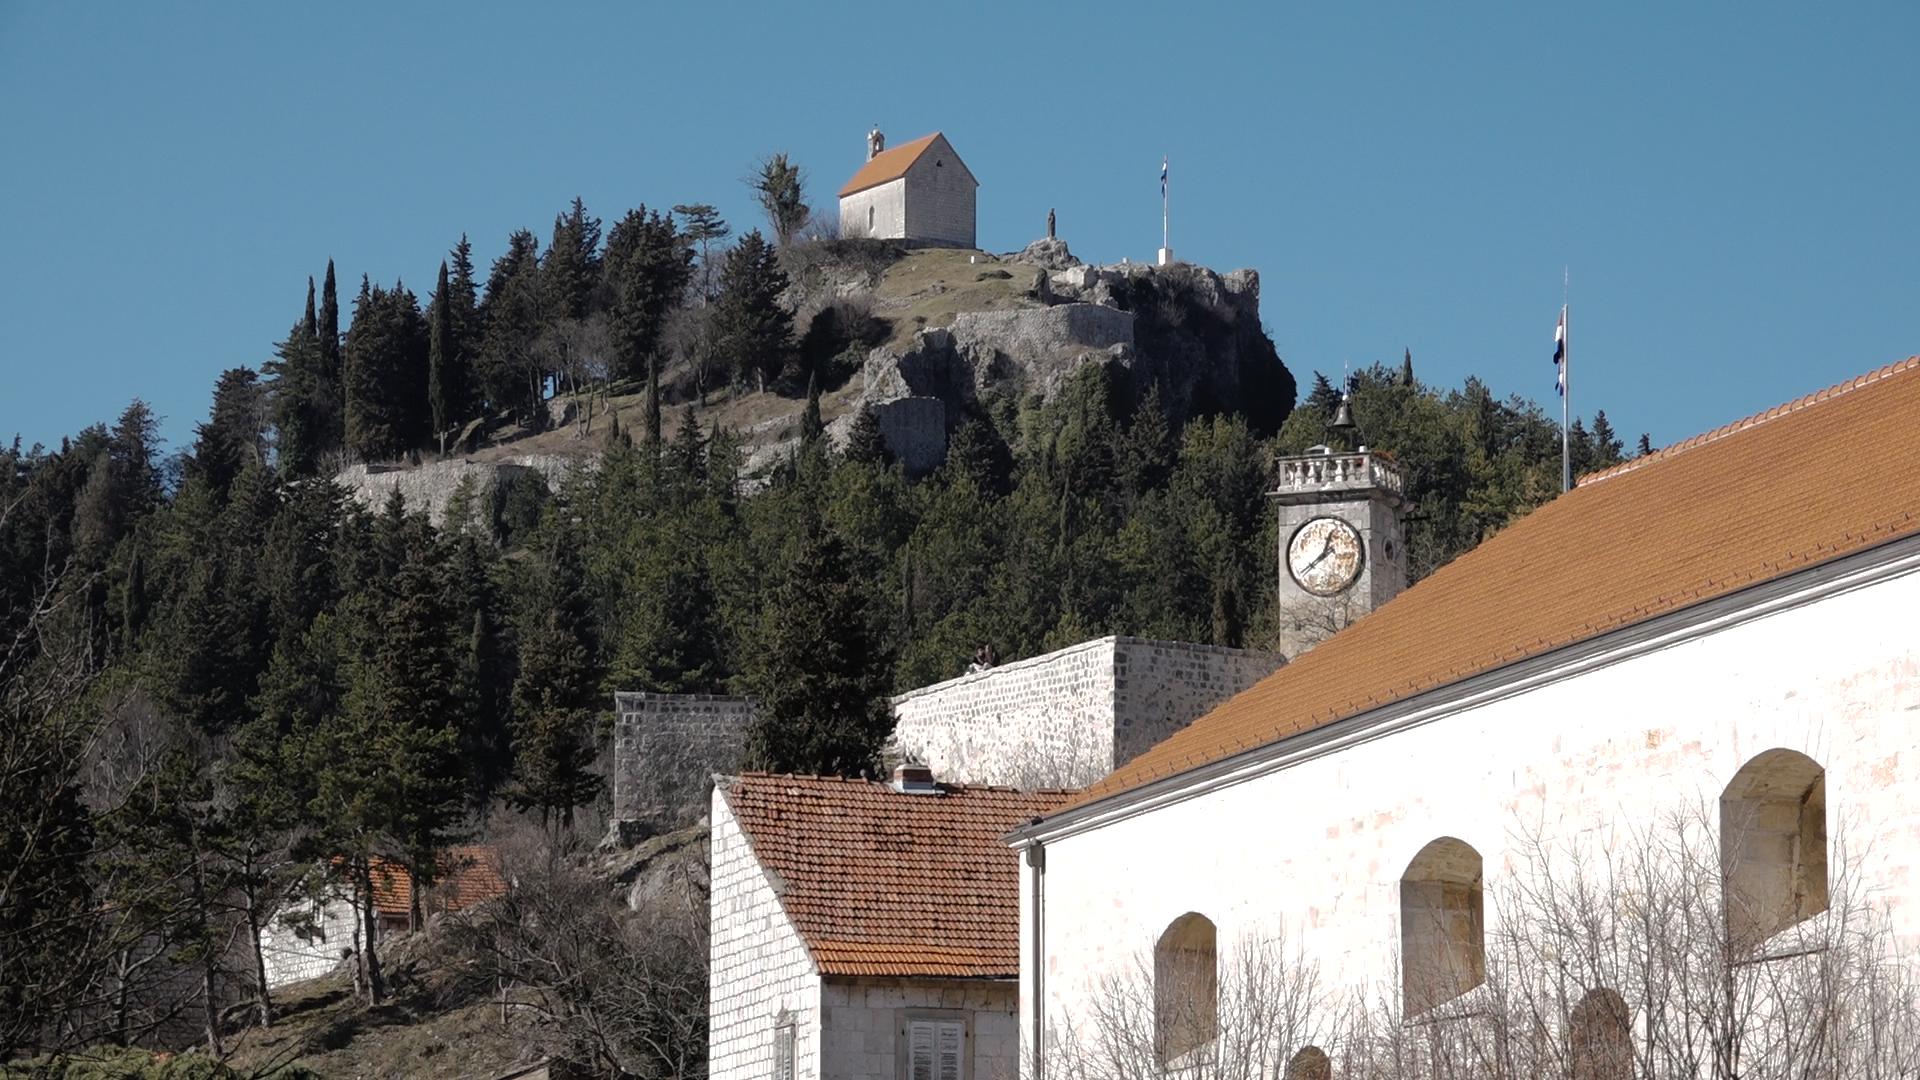 Dalmatinska zagora – splitsko zaleđe dobila potporu za Udruženo oglašavanje Turističke zajednice grada Sinja, Trilja, Vrlike i općine Dugopolje i Klis su uključene u strateško važan projekt Udruženog oglašavanja u 2017. godini